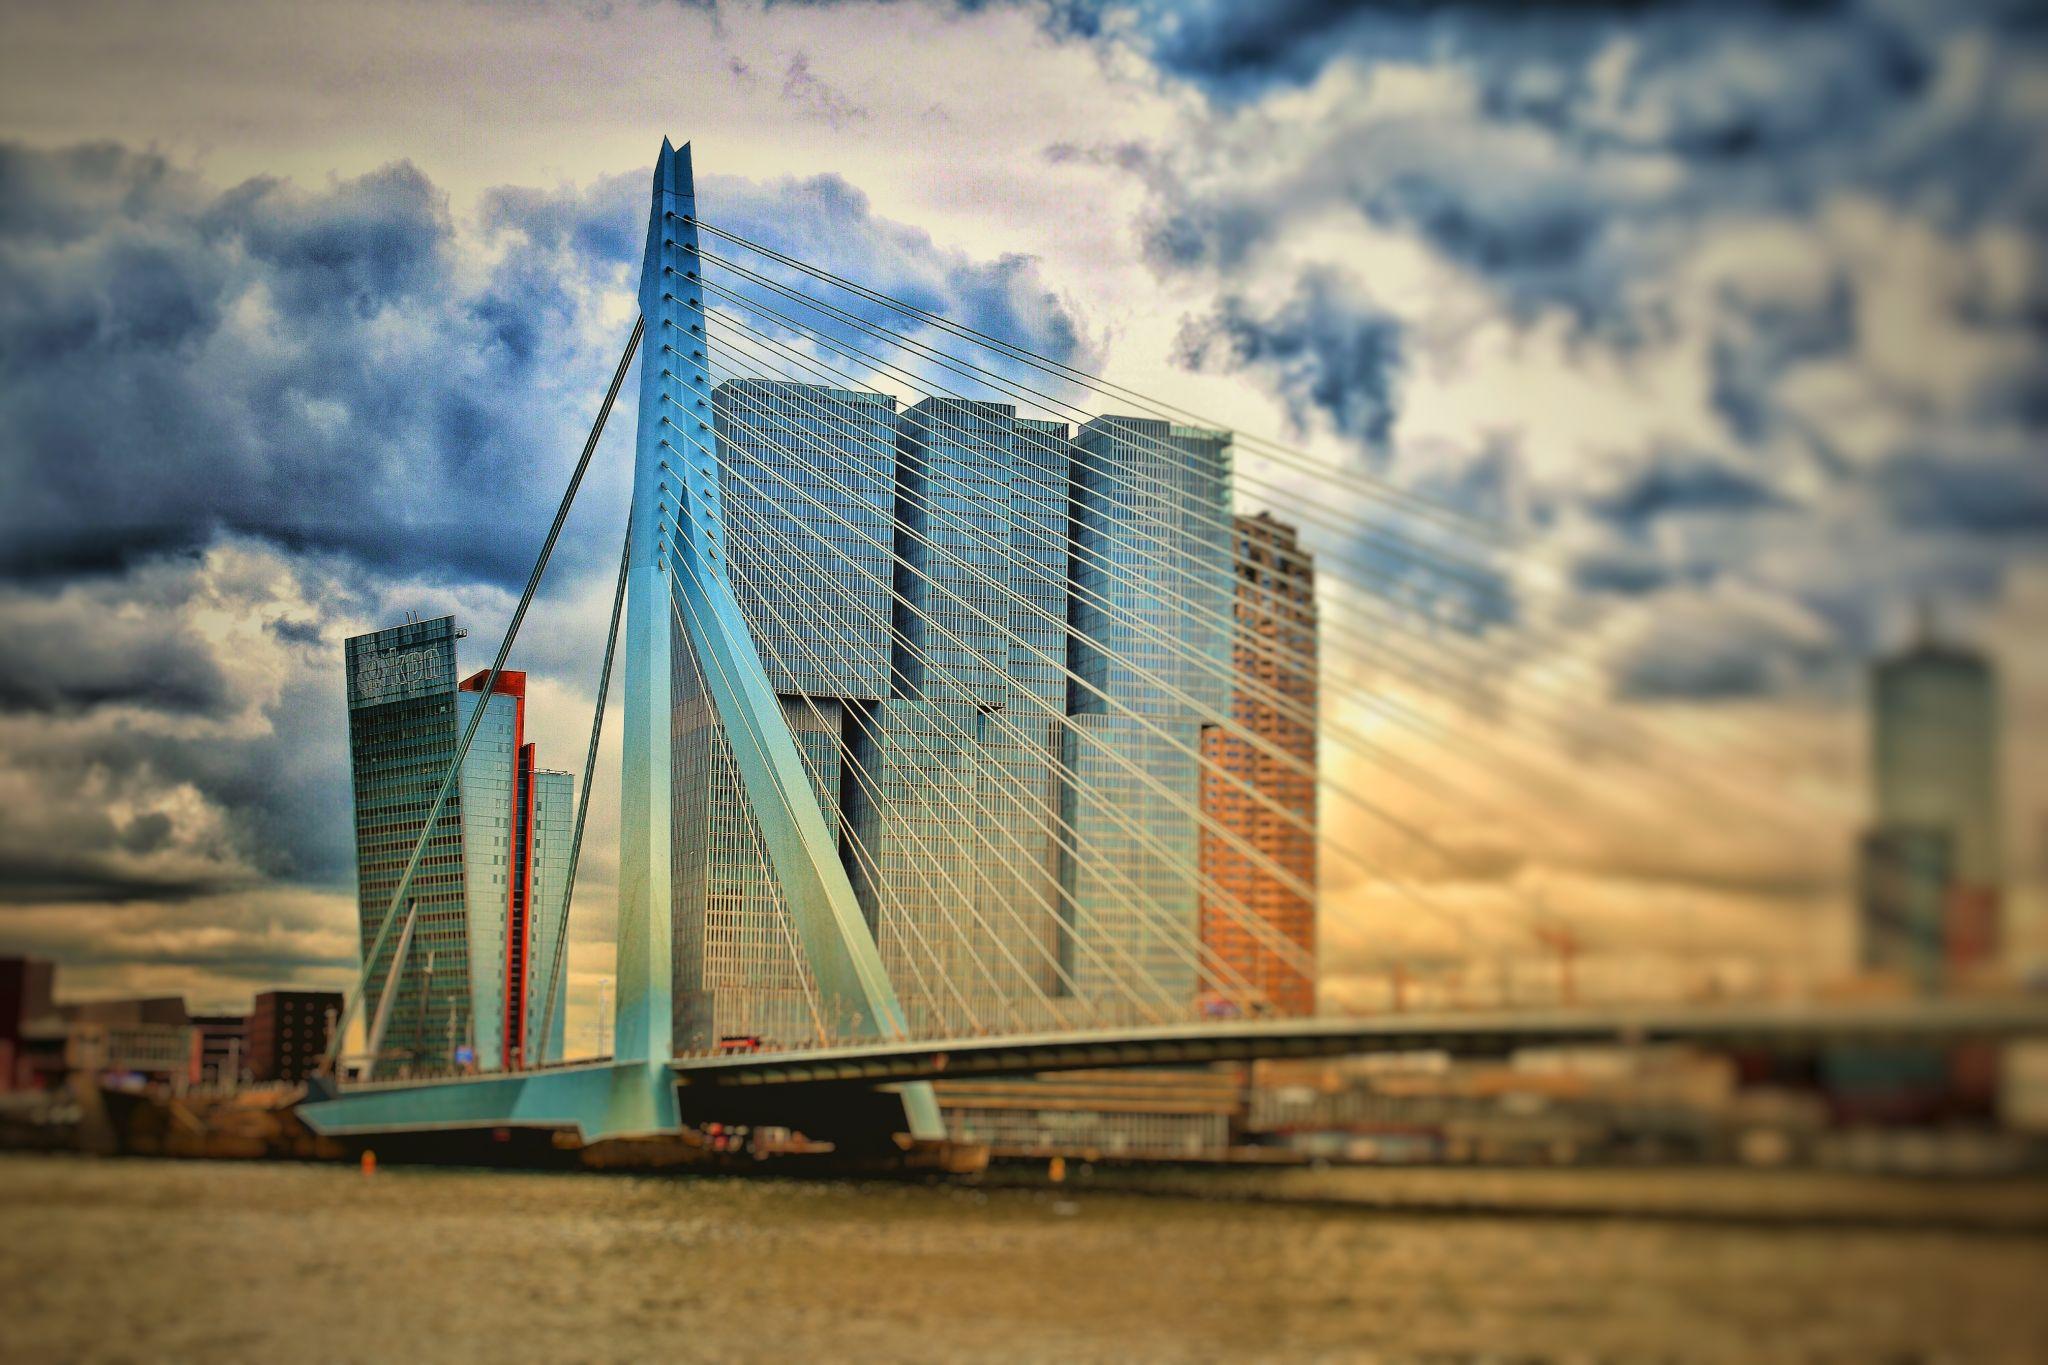 Erasmus Bridge, Netherlands